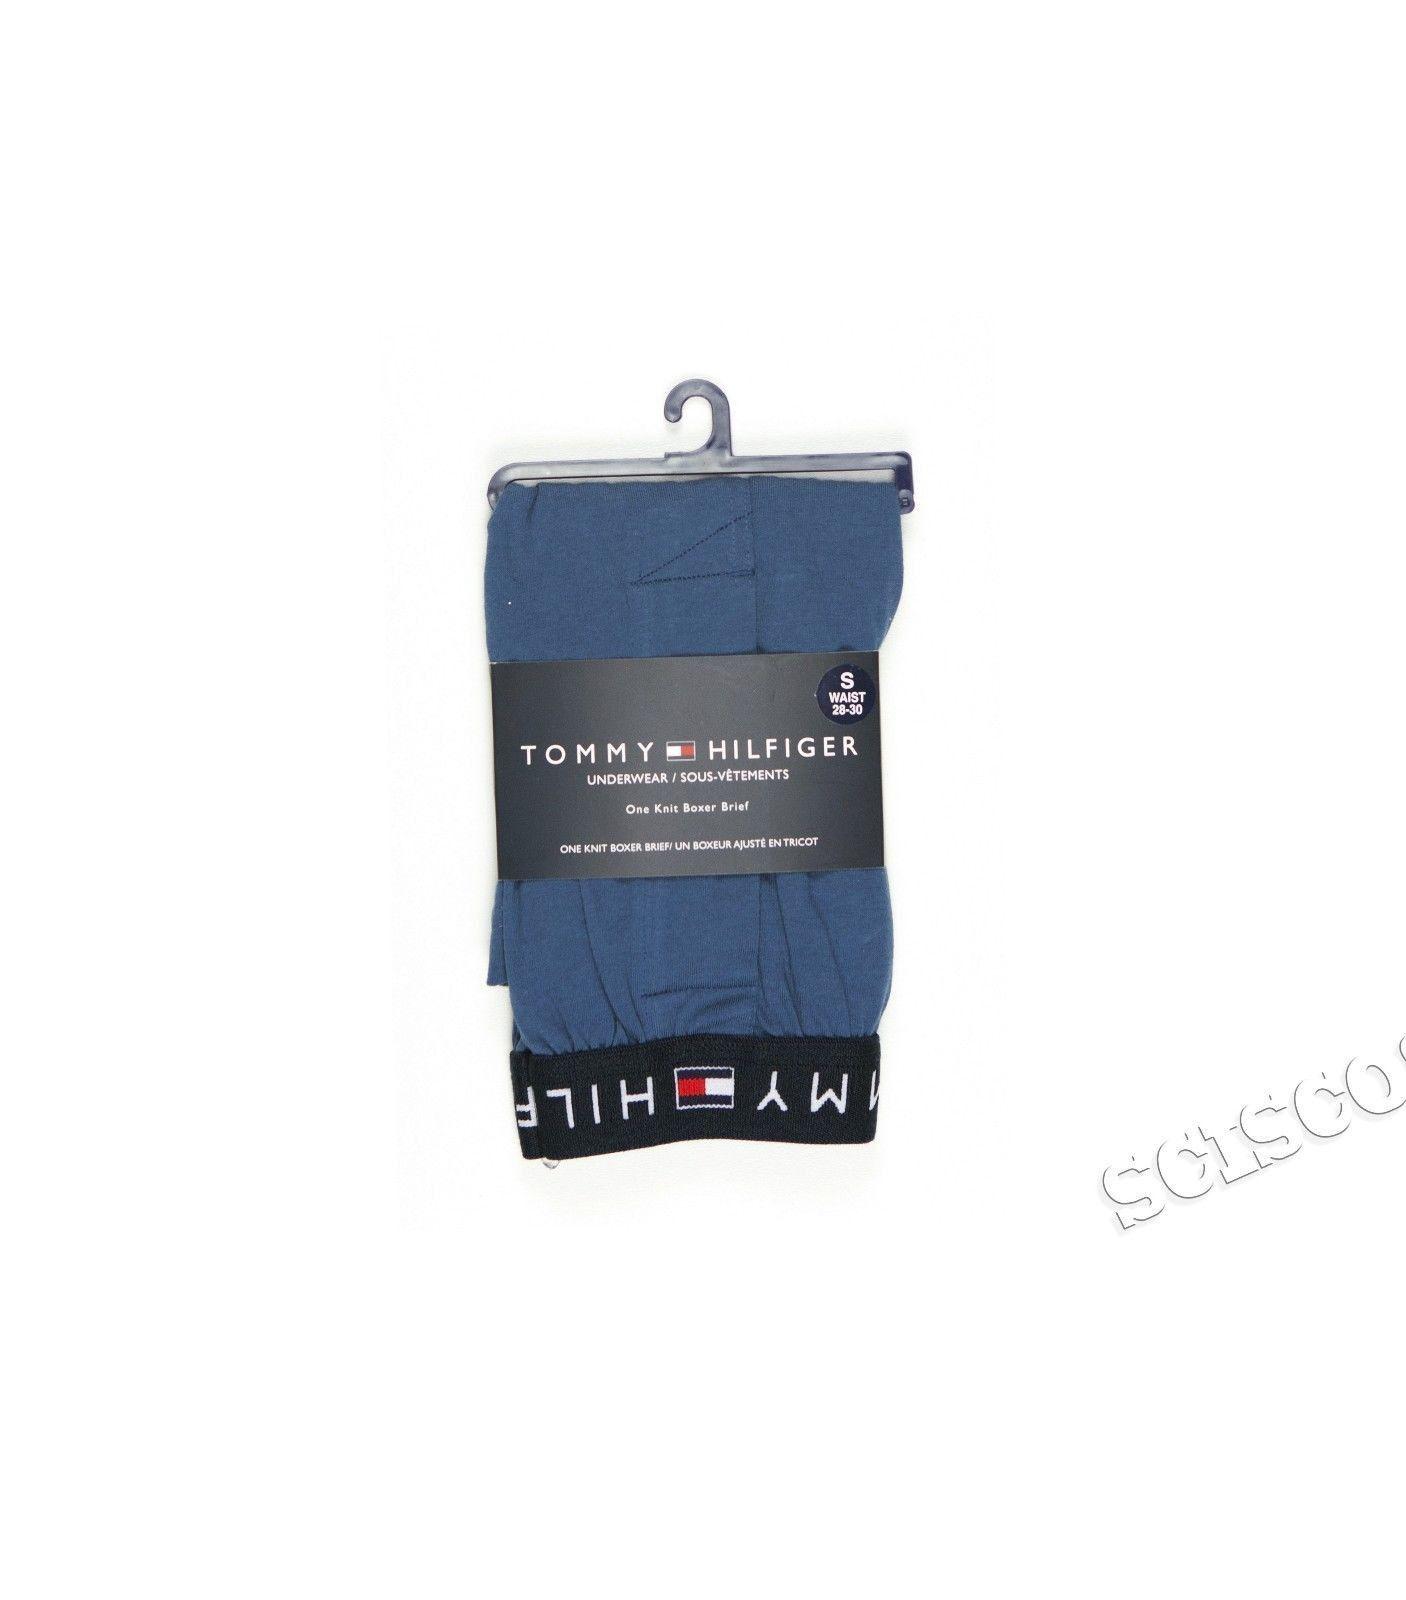 Tommy Hilfiger Underwear Mid Thigh Brief fly front Blue